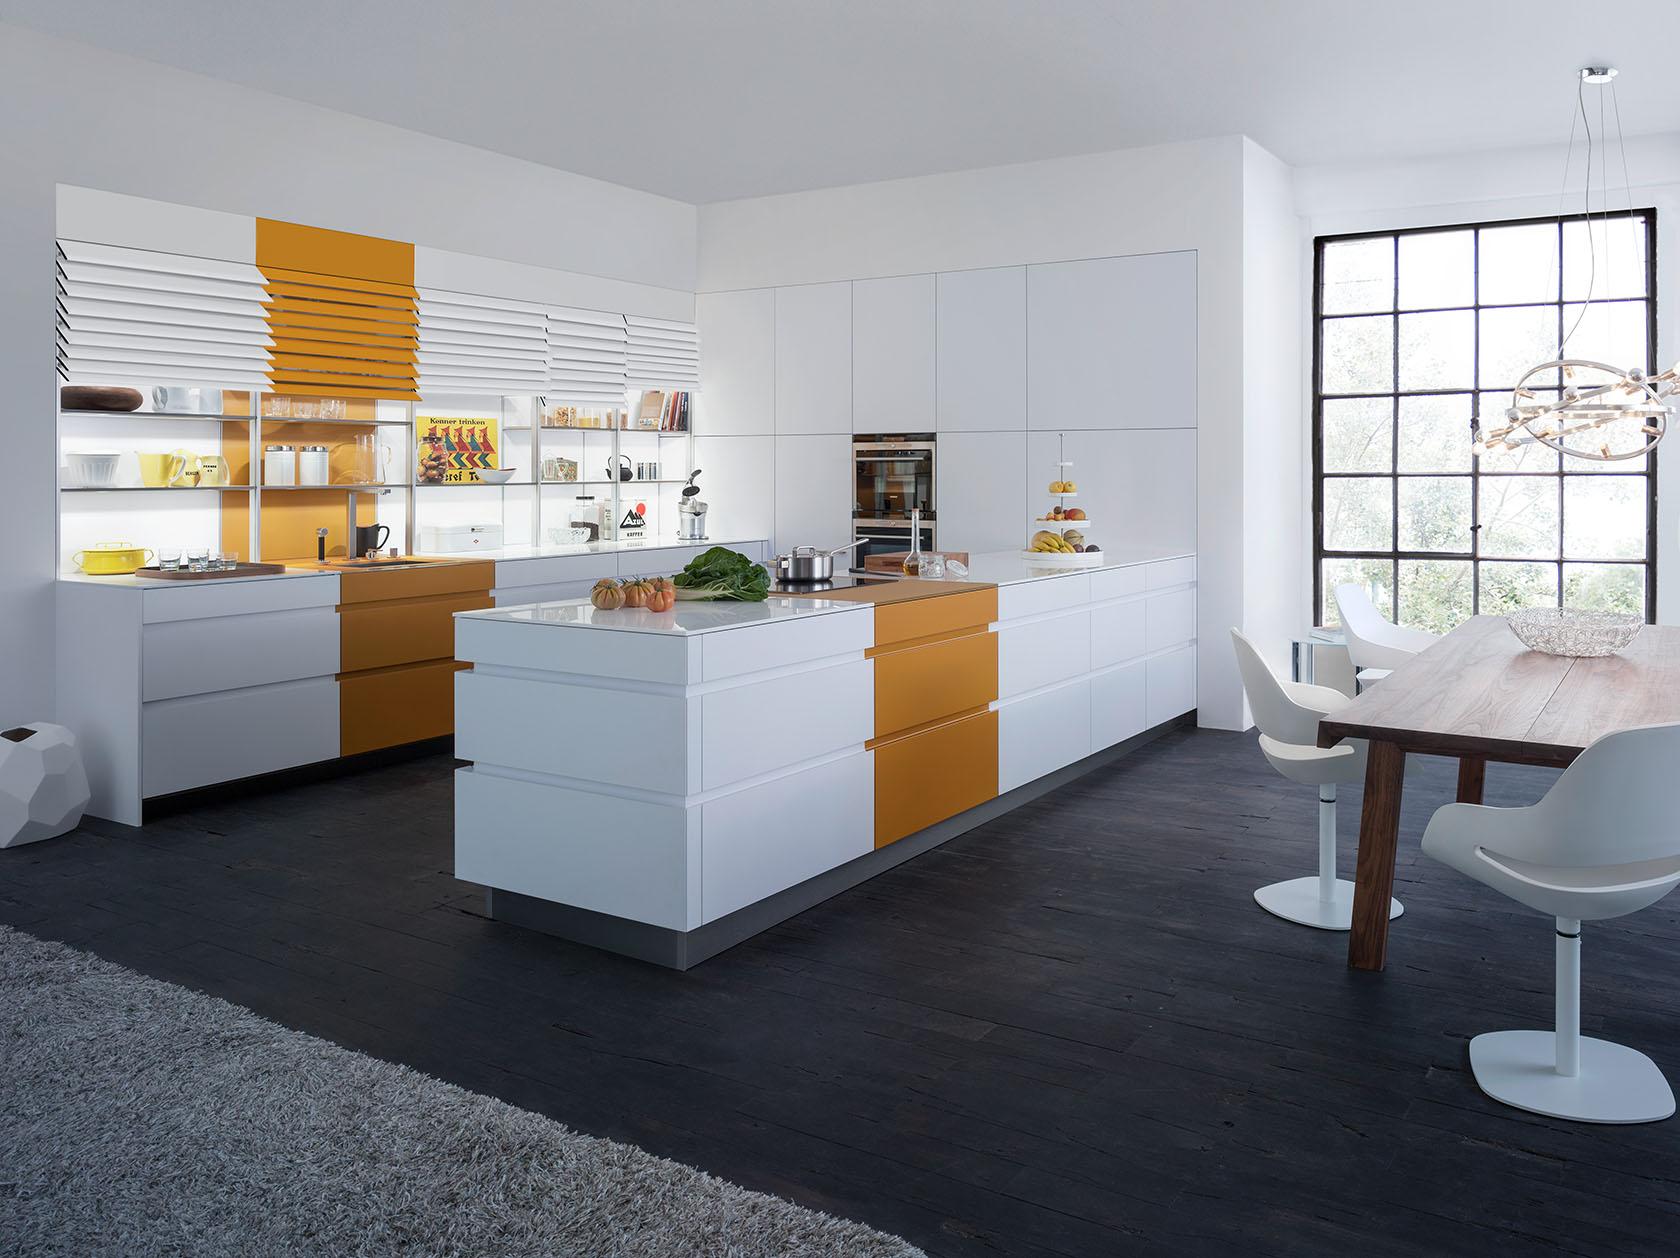 Leicht Küchen: Der große Vergleich! Unser Test von Leicht Küchen ...